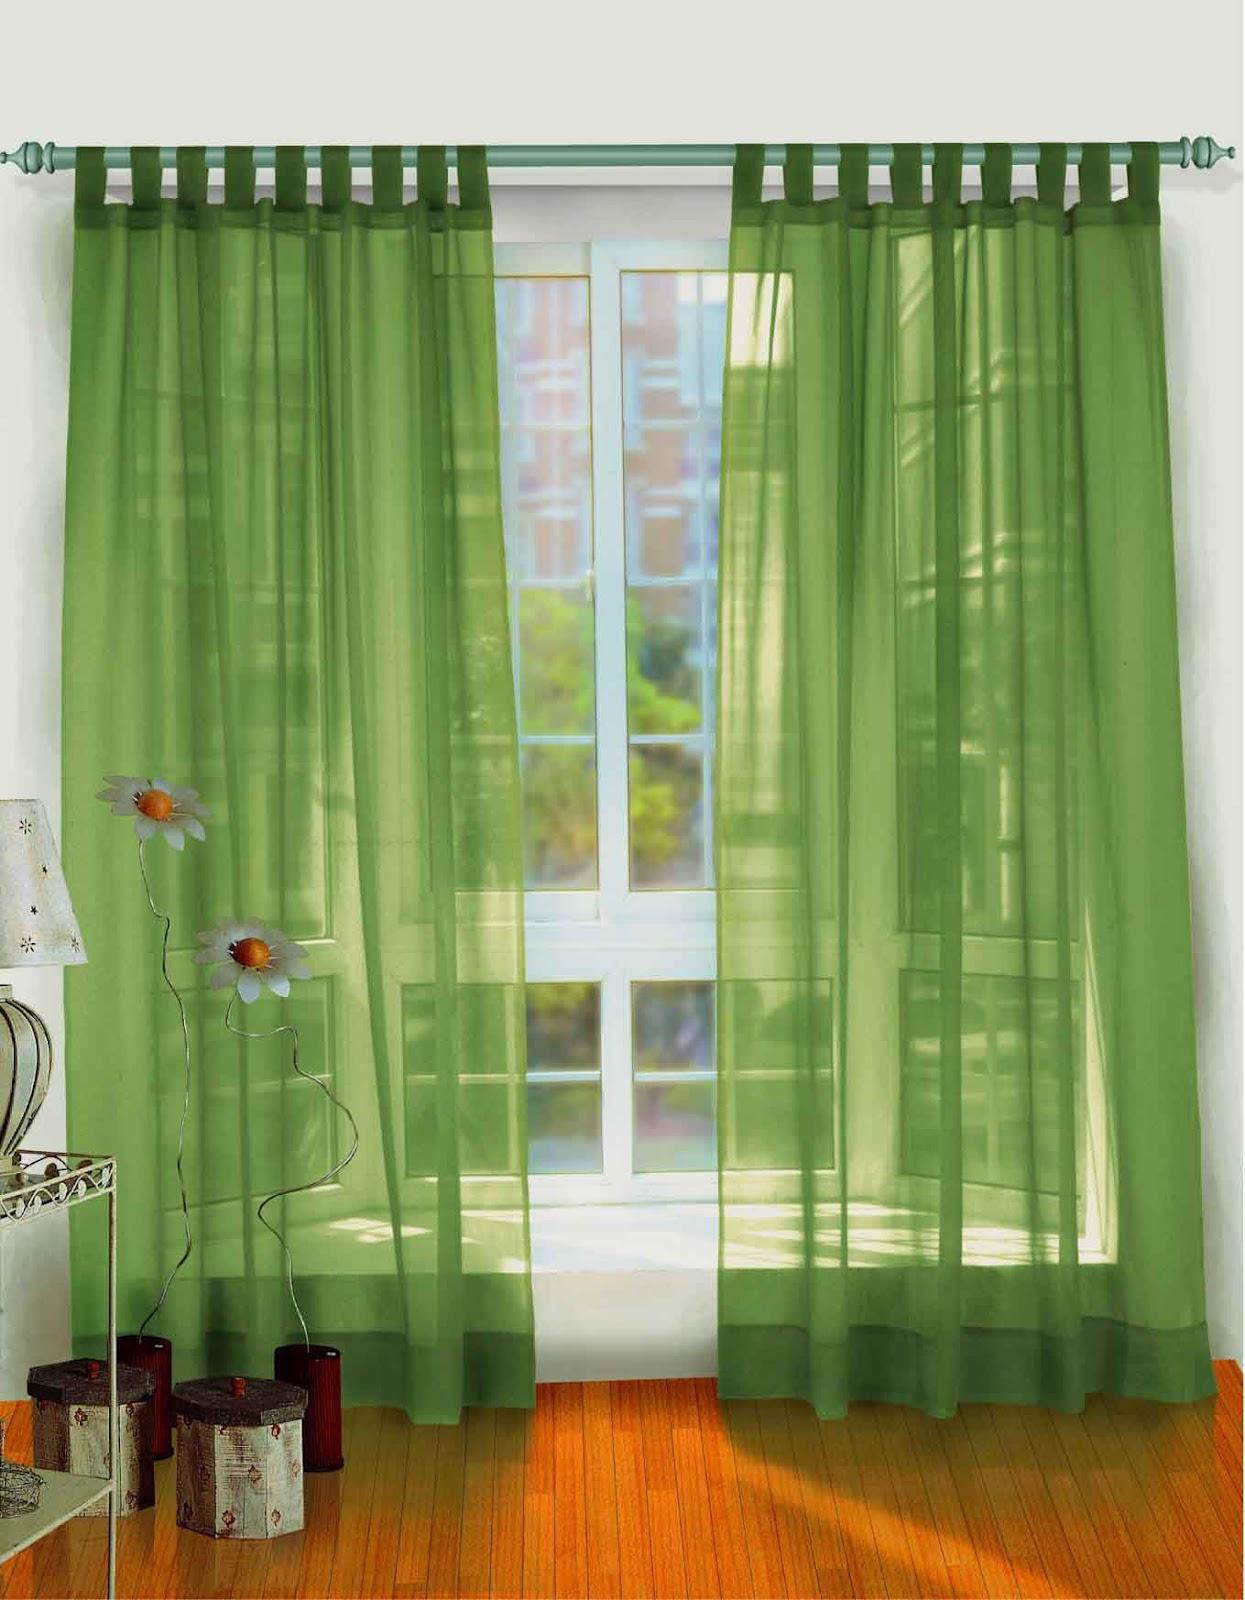 WINDOW AND DOOR CURTAINS DESIGN